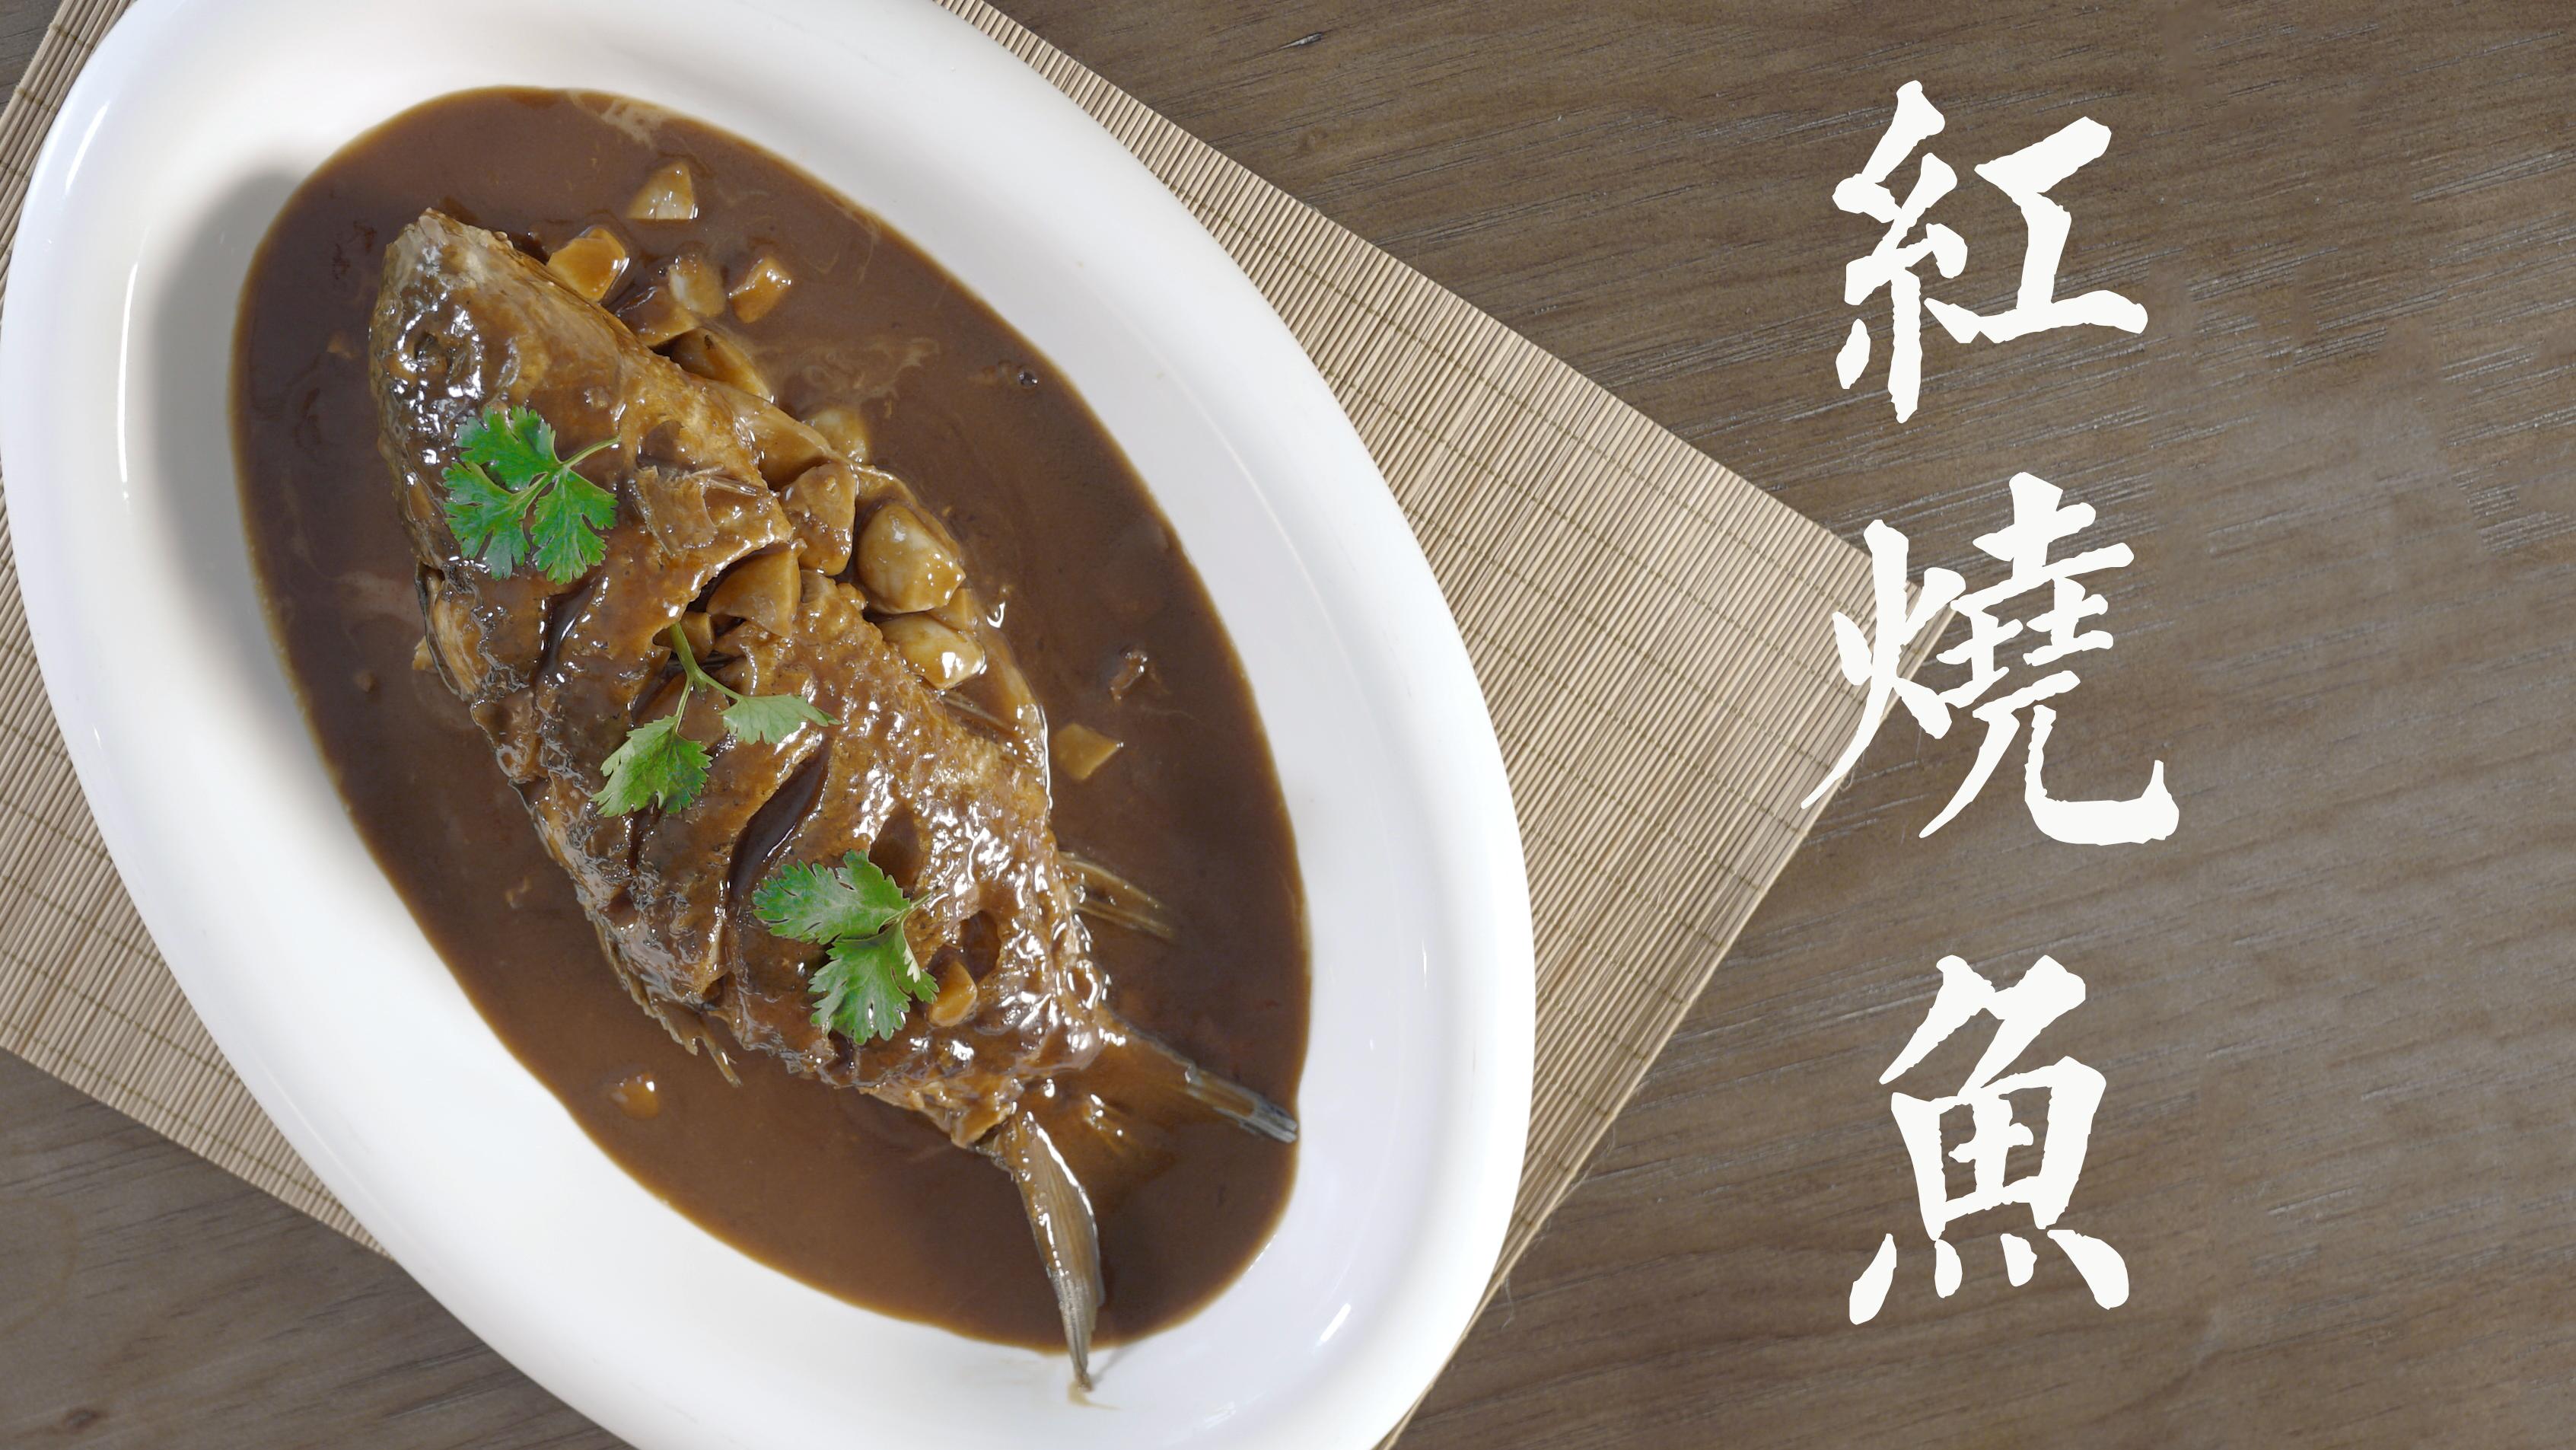 20年饭店女厨教做红烧鱼,煎鱼切记这个要点,超有食欲的年夜大菜